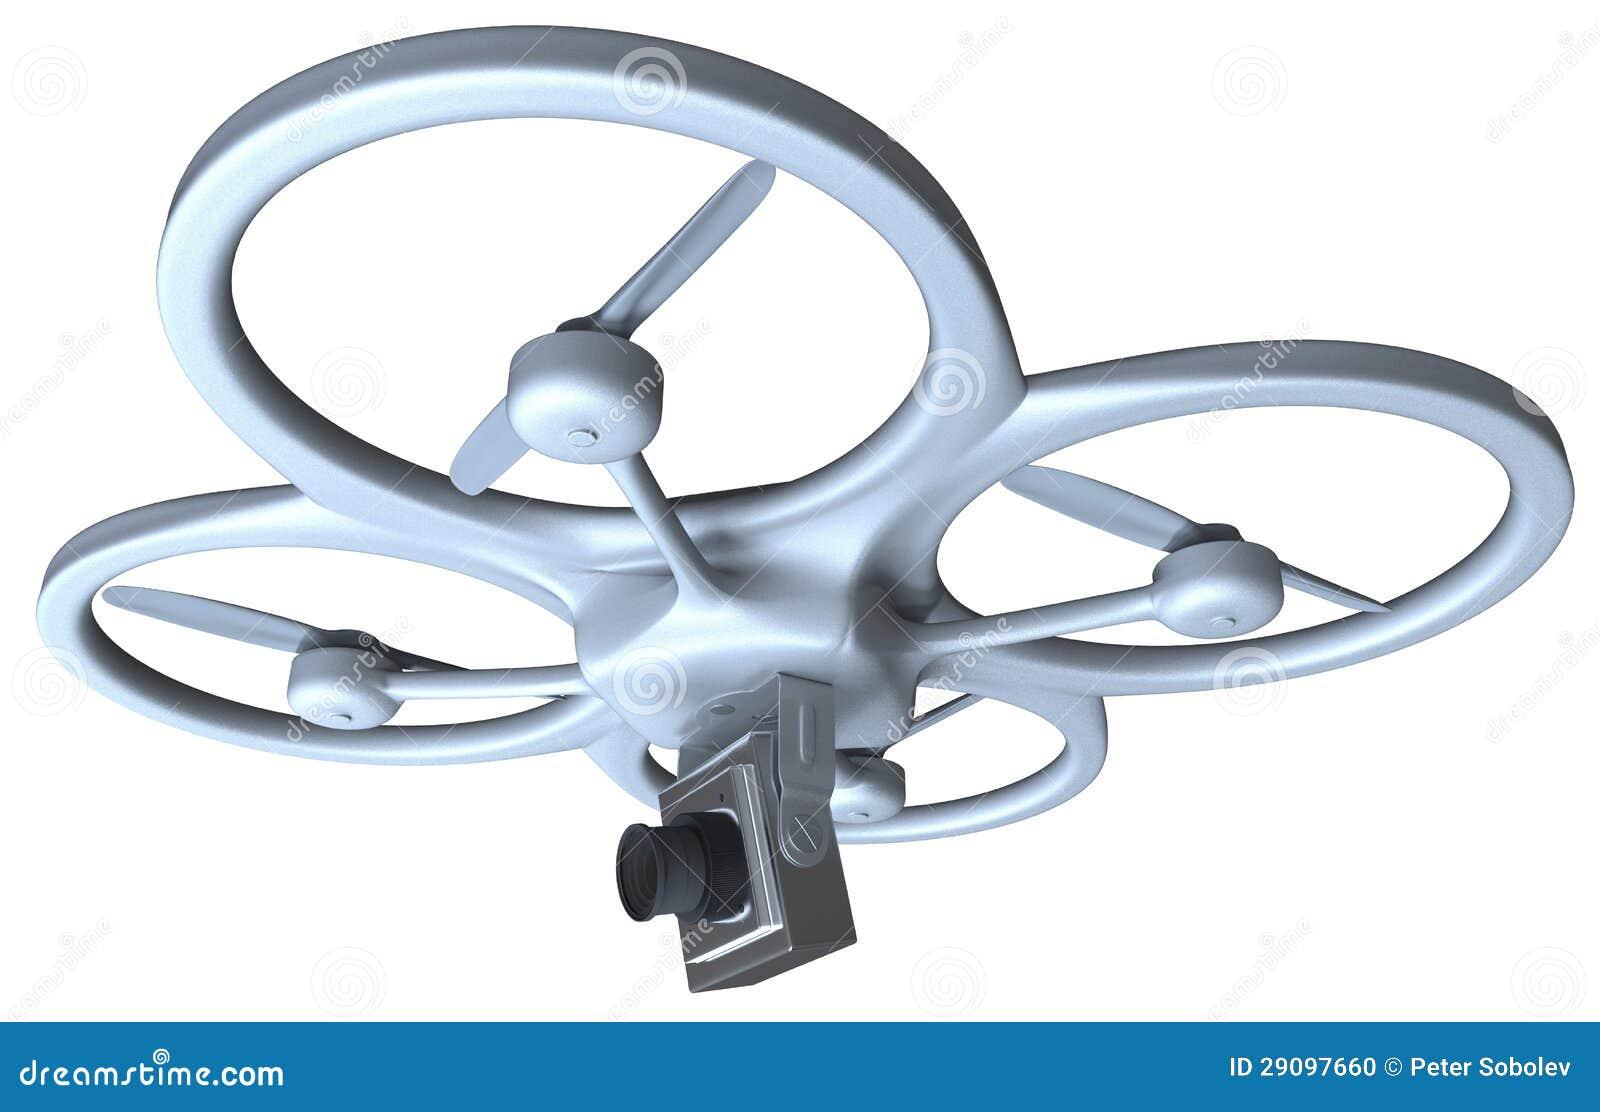 quadrocopter mit kamera stock abbildung bild von ansicht 29097660. Black Bedroom Furniture Sets. Home Design Ideas